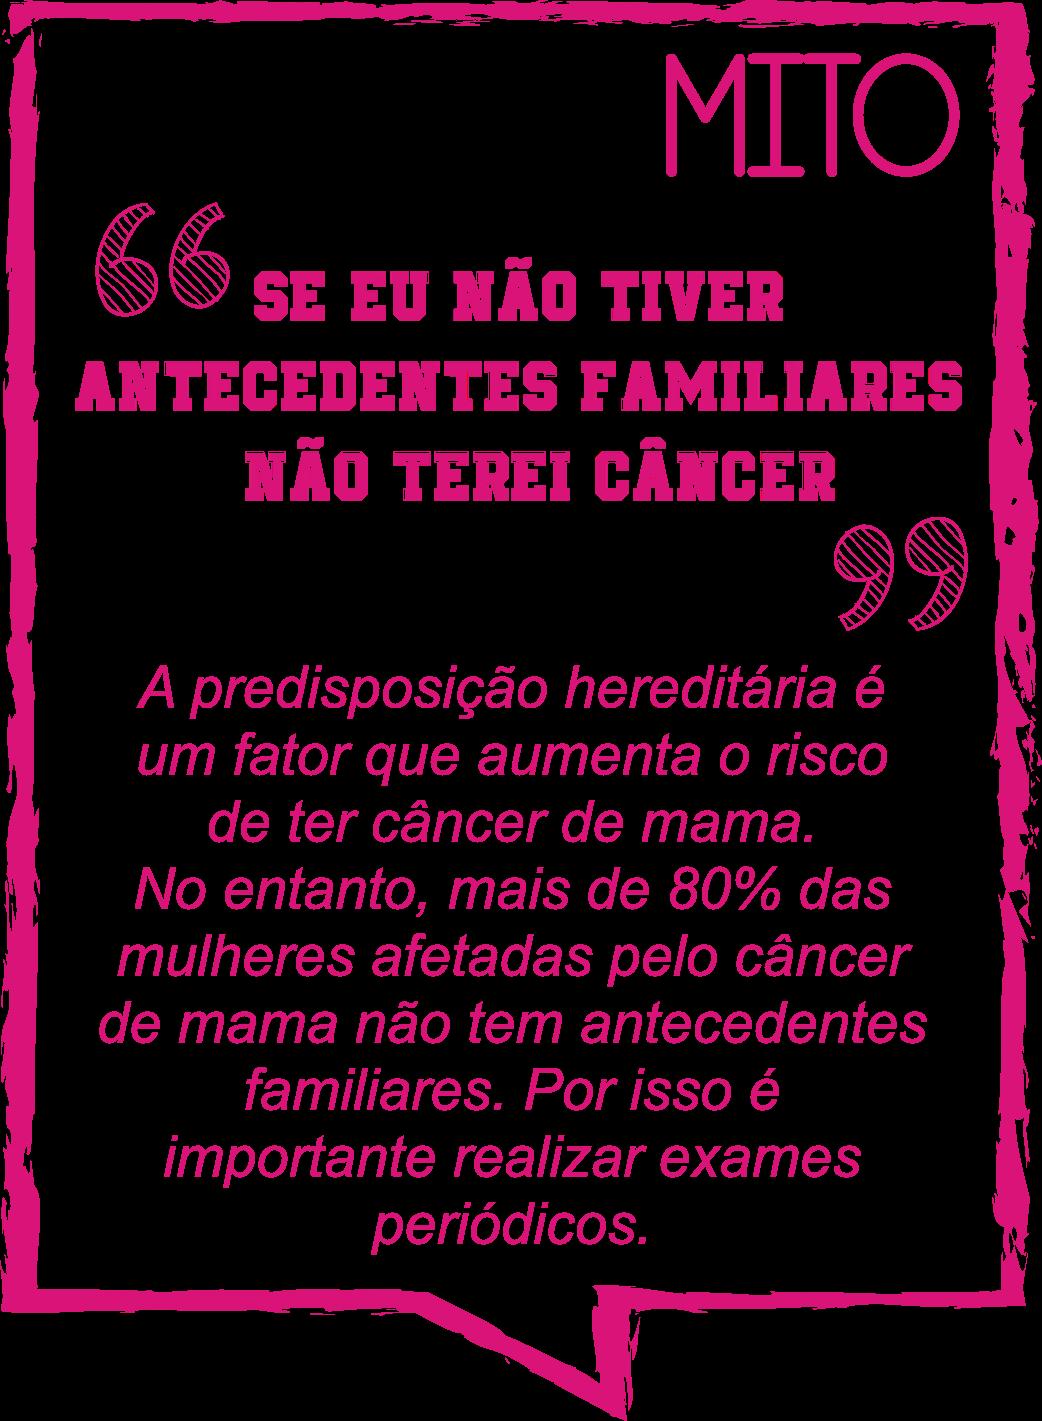 MITO: Se eu não tiver antecedentes familiares não terei câncer.